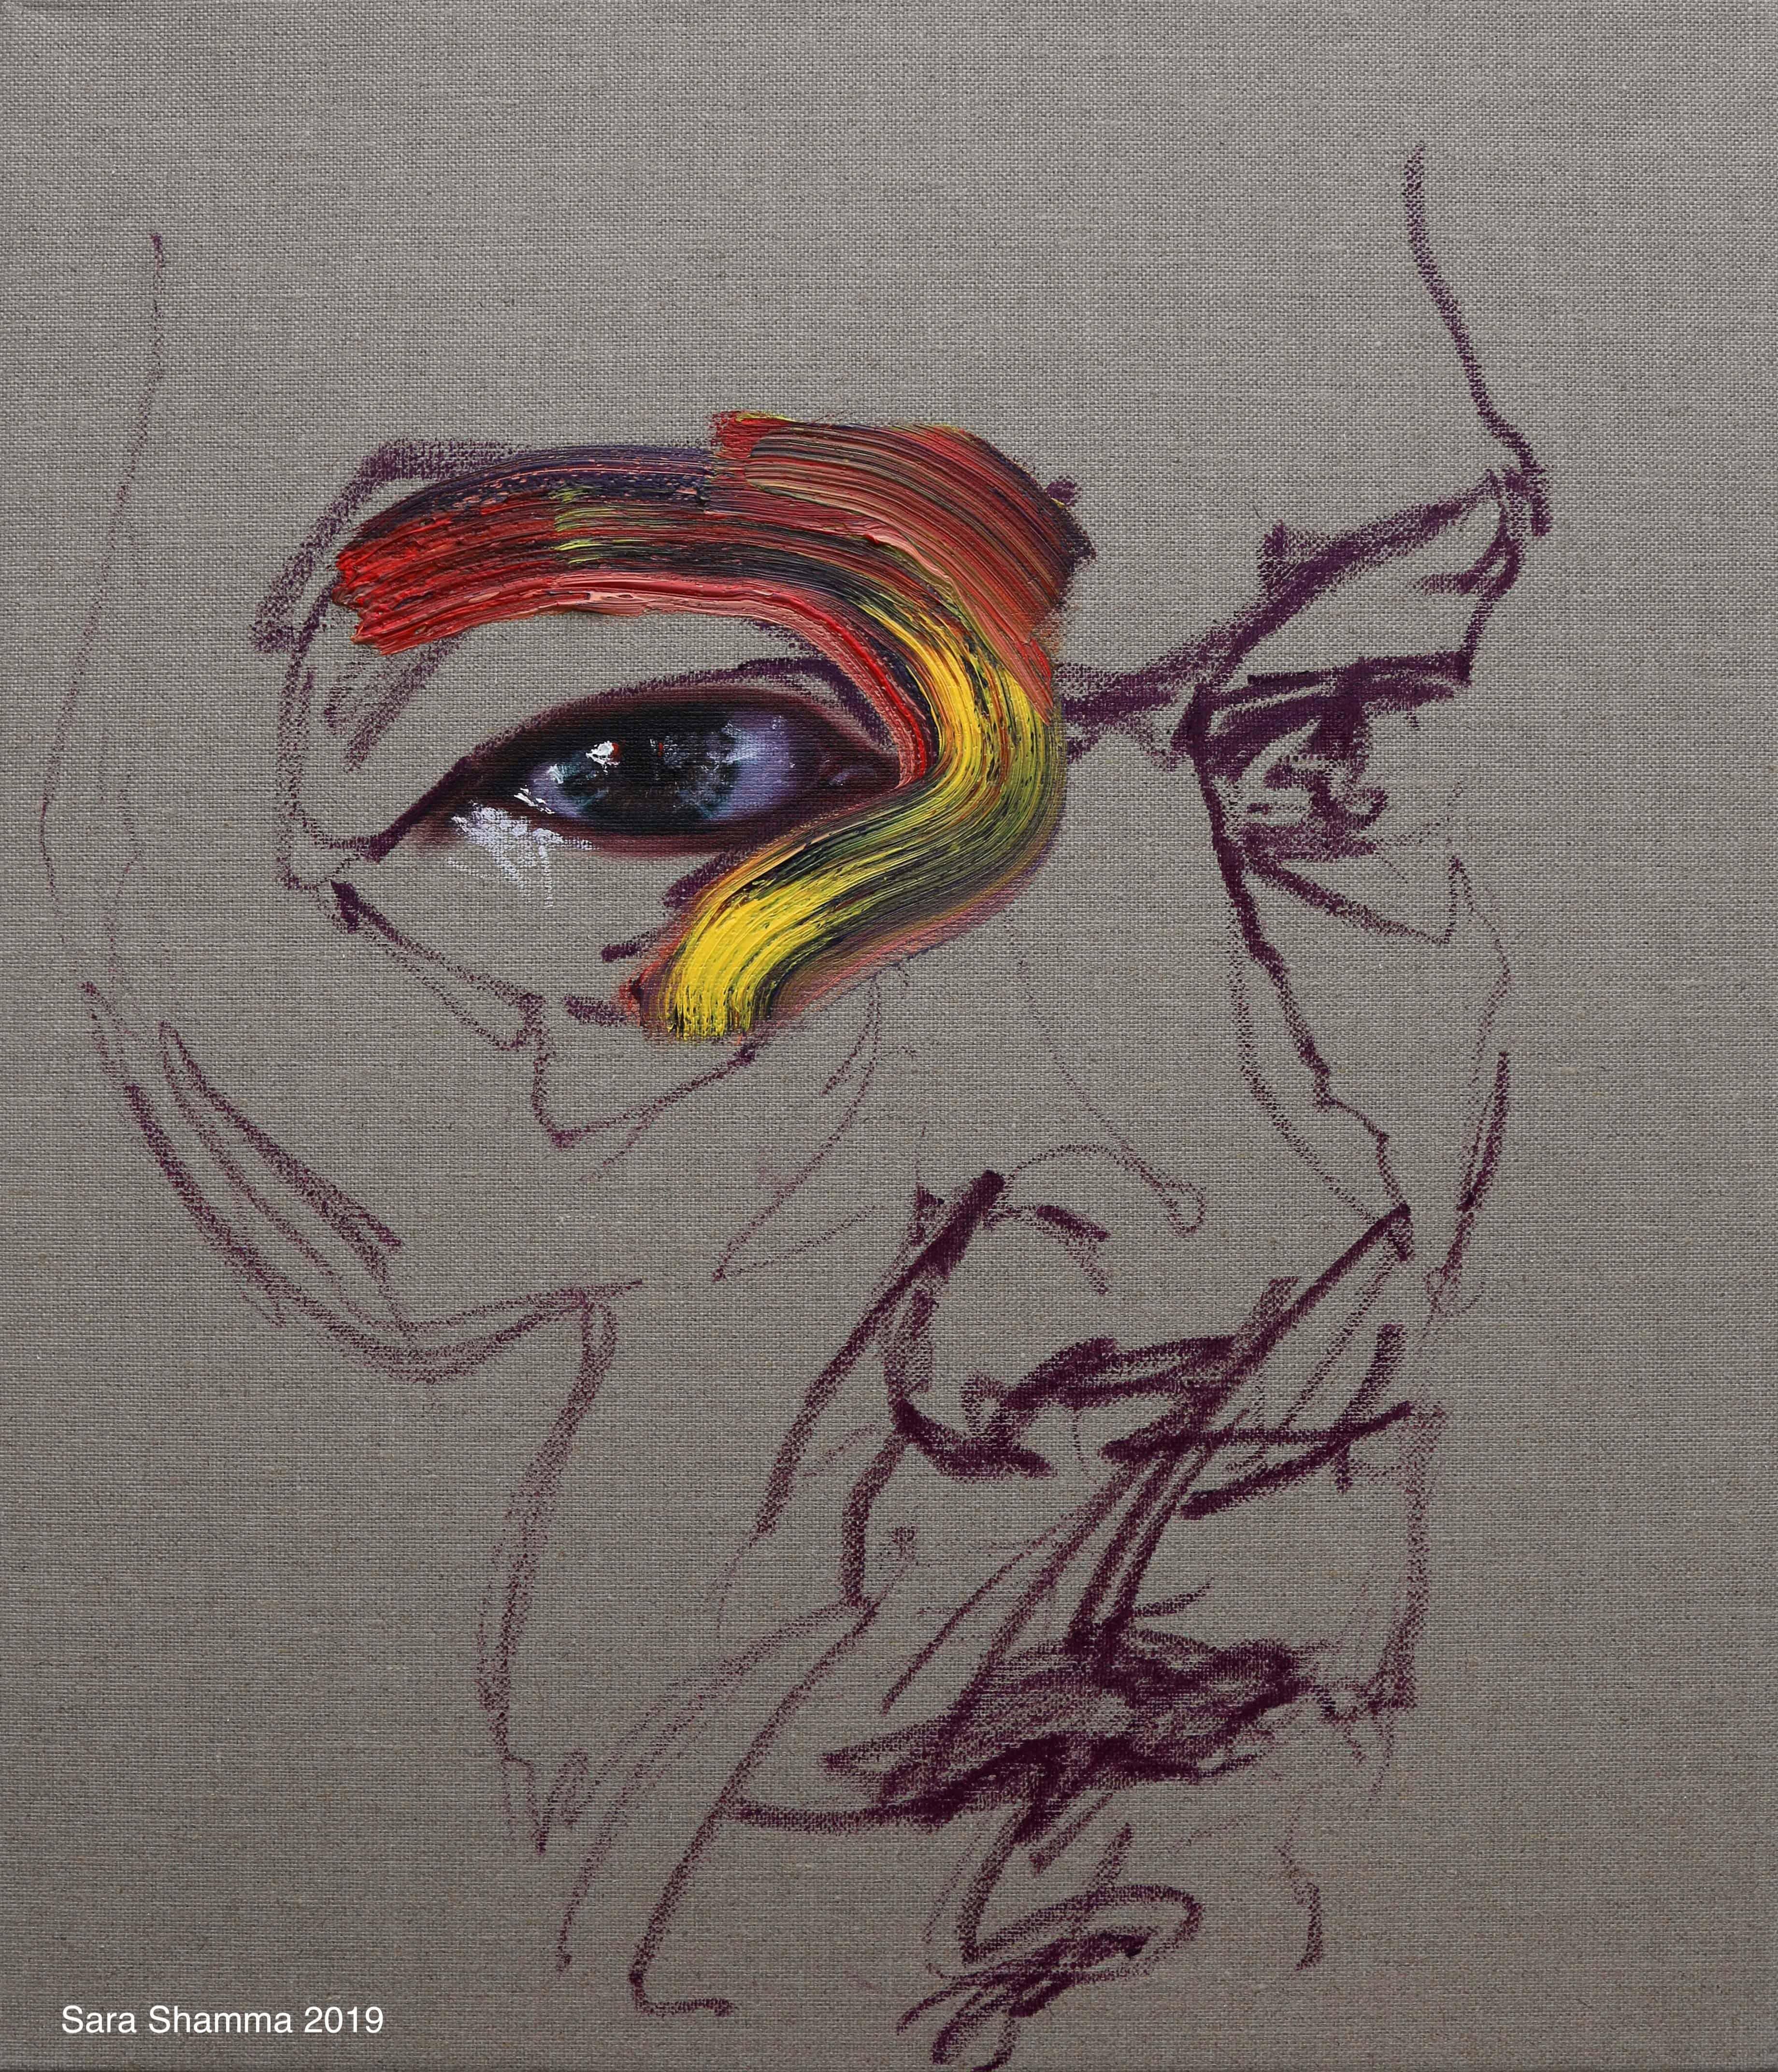 Eye 6 - Sara Shamma